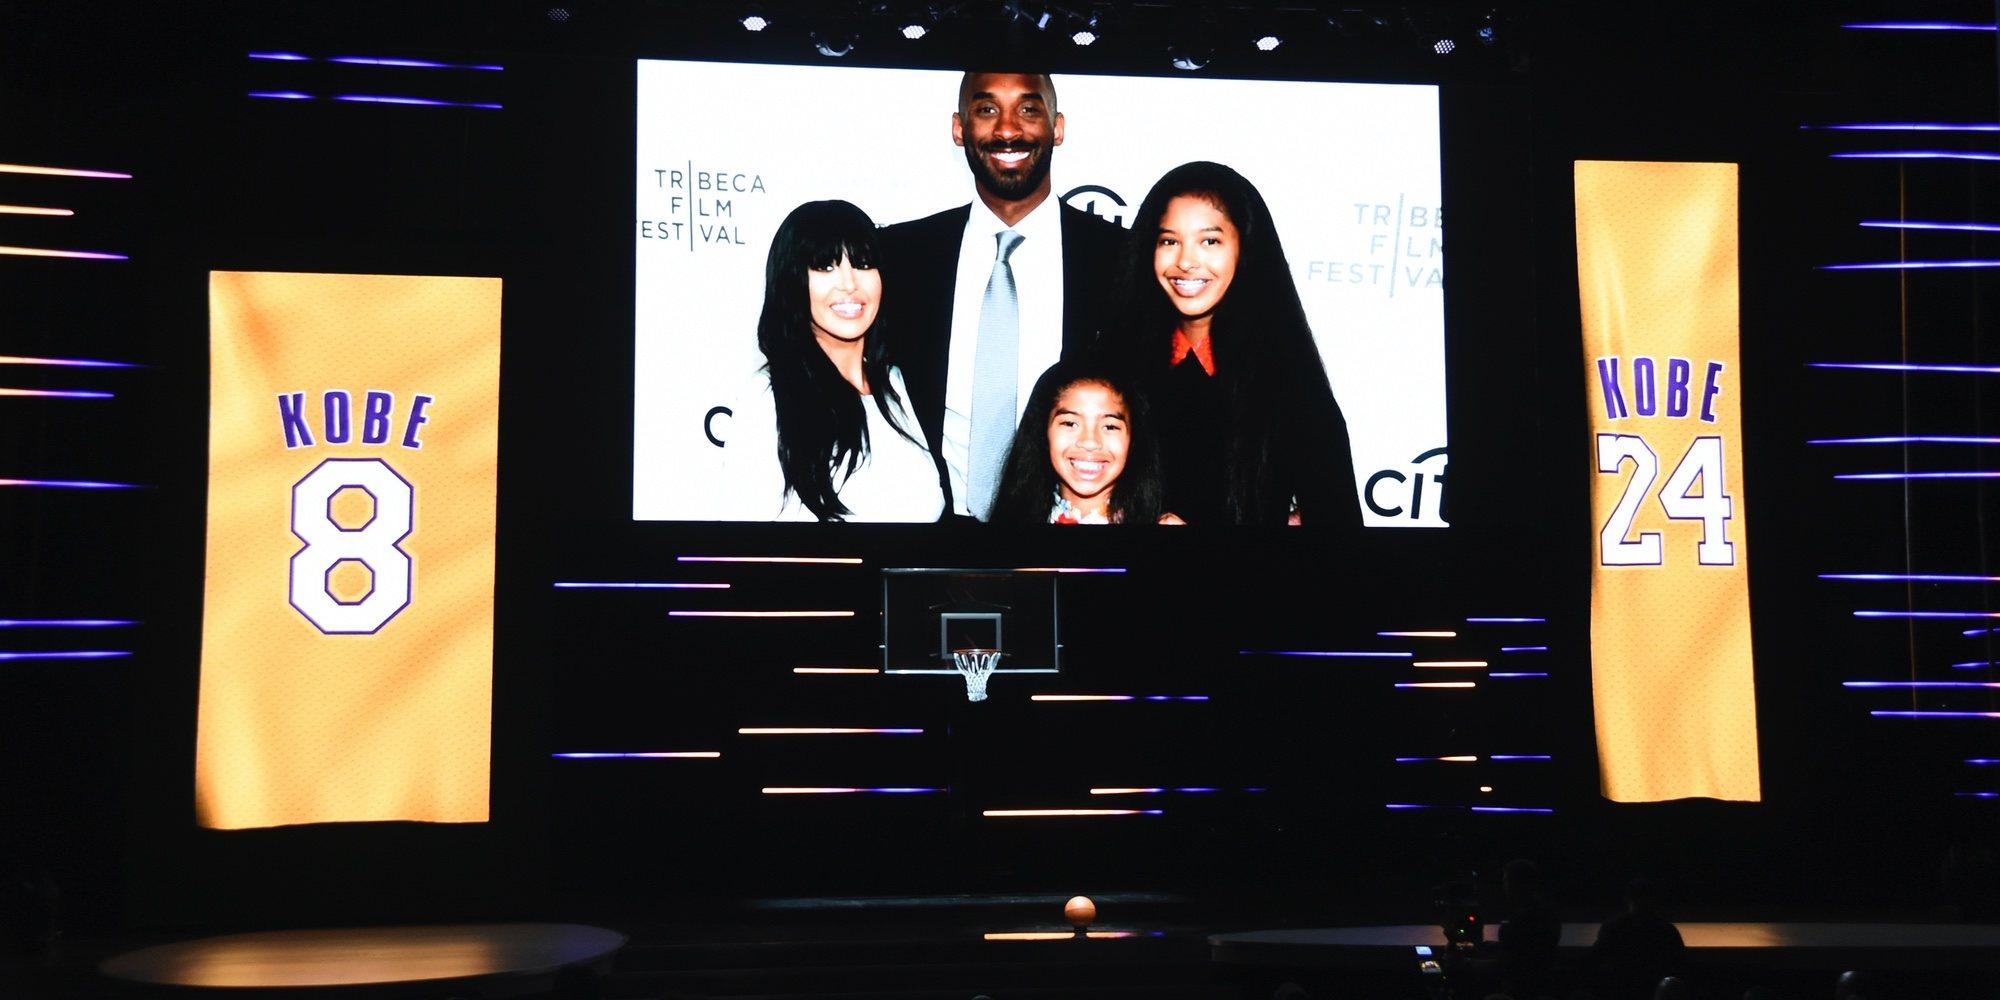 Así ha sido la emocionante despedida de Kobe Bryant y su hija Gigi con la actuación estelar de Beyoncé